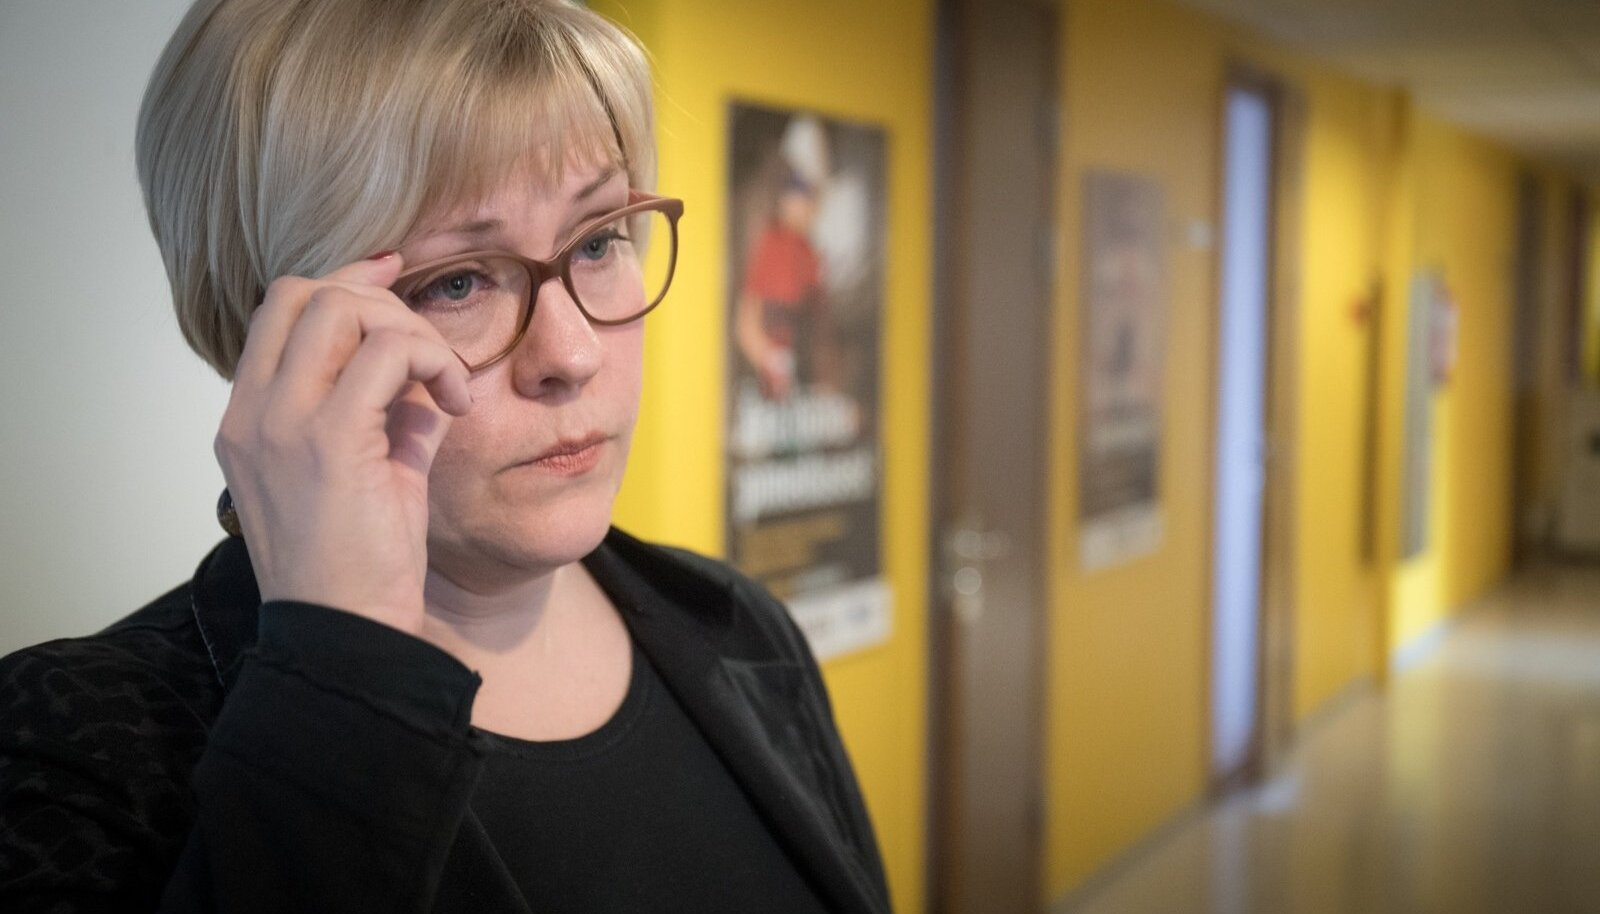 TÖÖANDJA VAJAB TÖÖLISI JA VASTUPIDI: Maret Maripuu toonitab, et 21. sajandil ei peaks rääkima mitte ülemuse ja alluva suhtest, vaid partnerlusest.